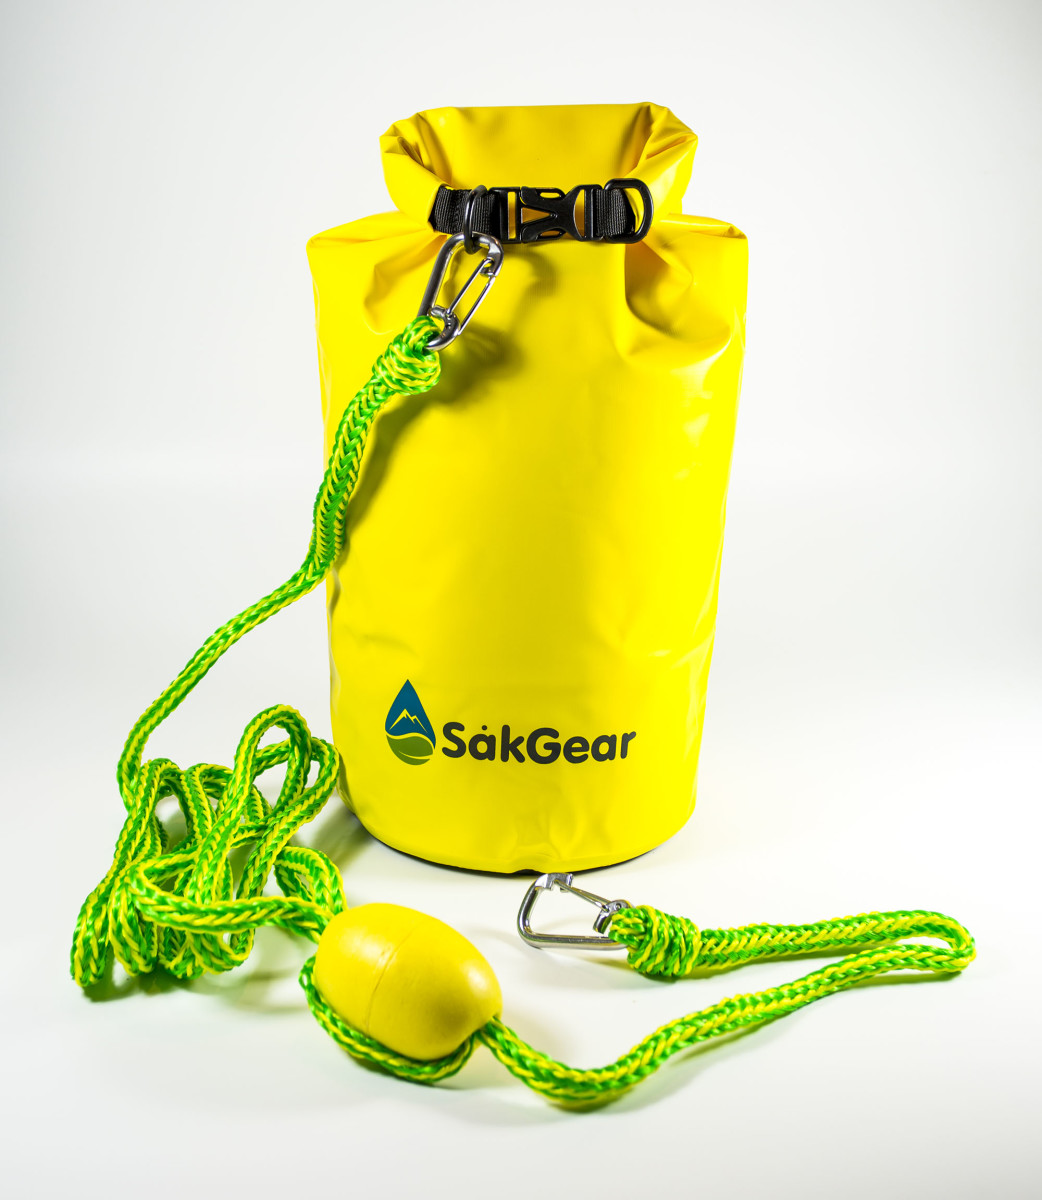 $30 - www.sakgear.com